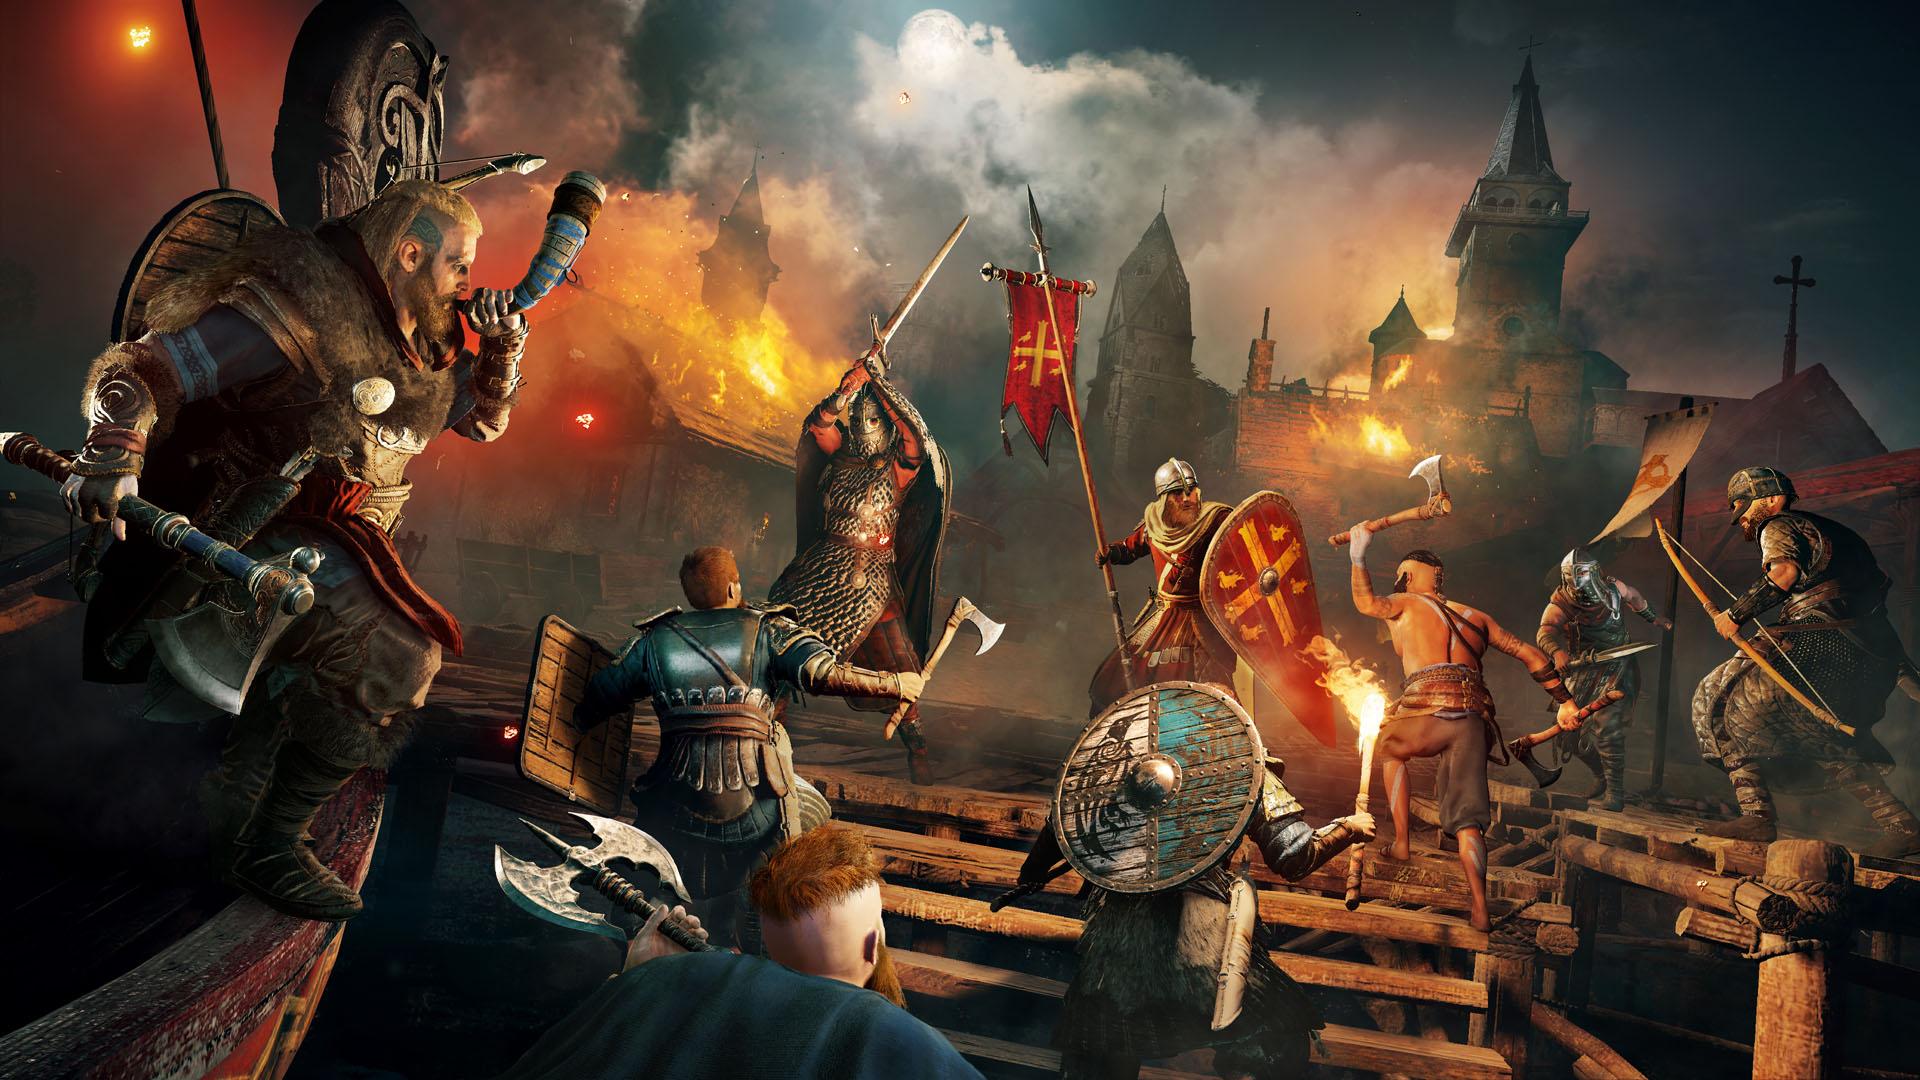 Критики оценили Assassin's Creed Valhalla